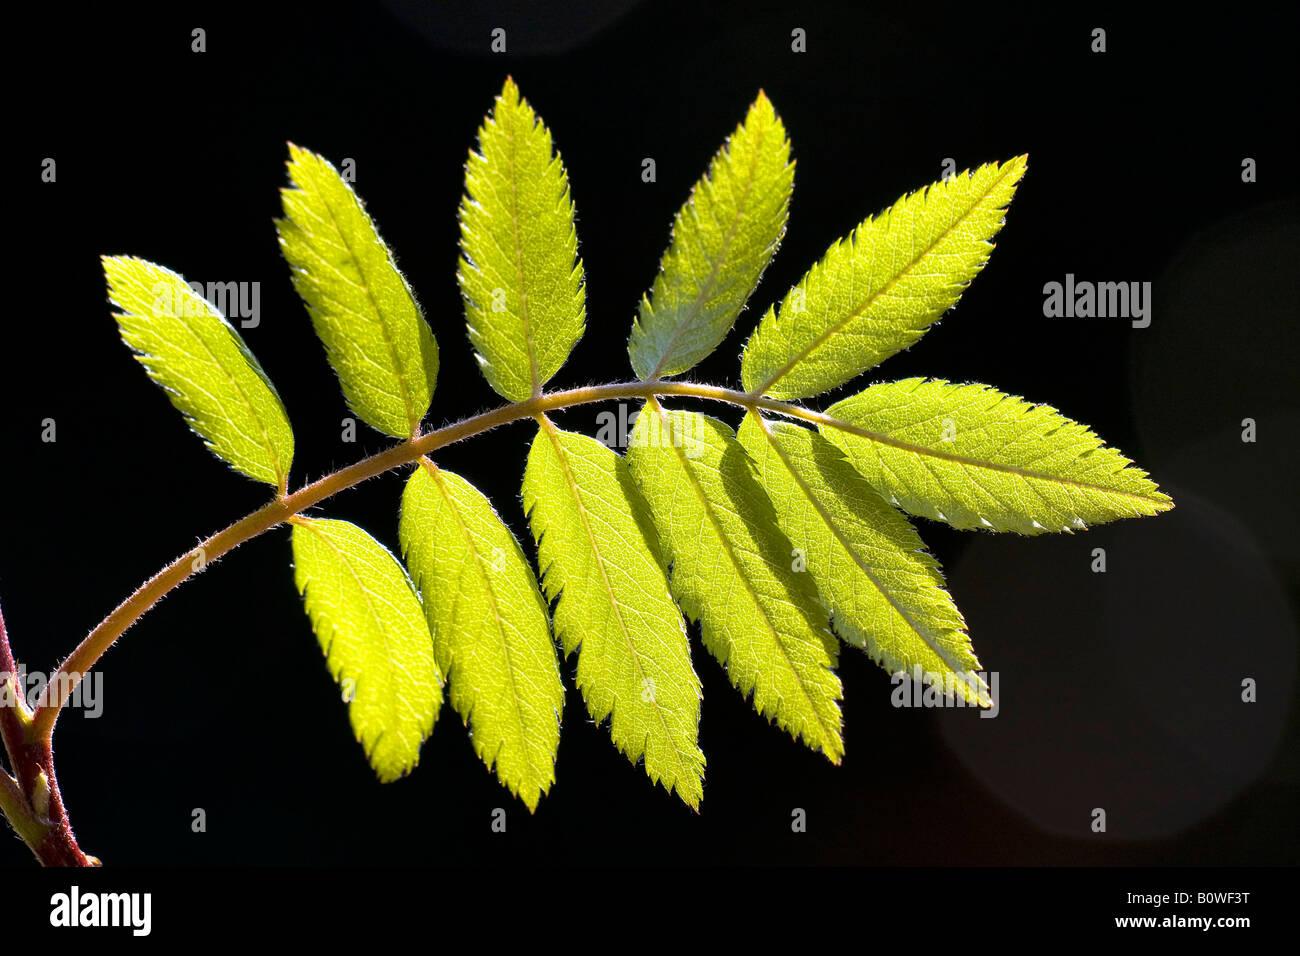 Rowan européenne, feuilles, sorbier (Sorbus aucuparia), ressort de feuillage, pousses, rétro-éclairage, Photo Stock